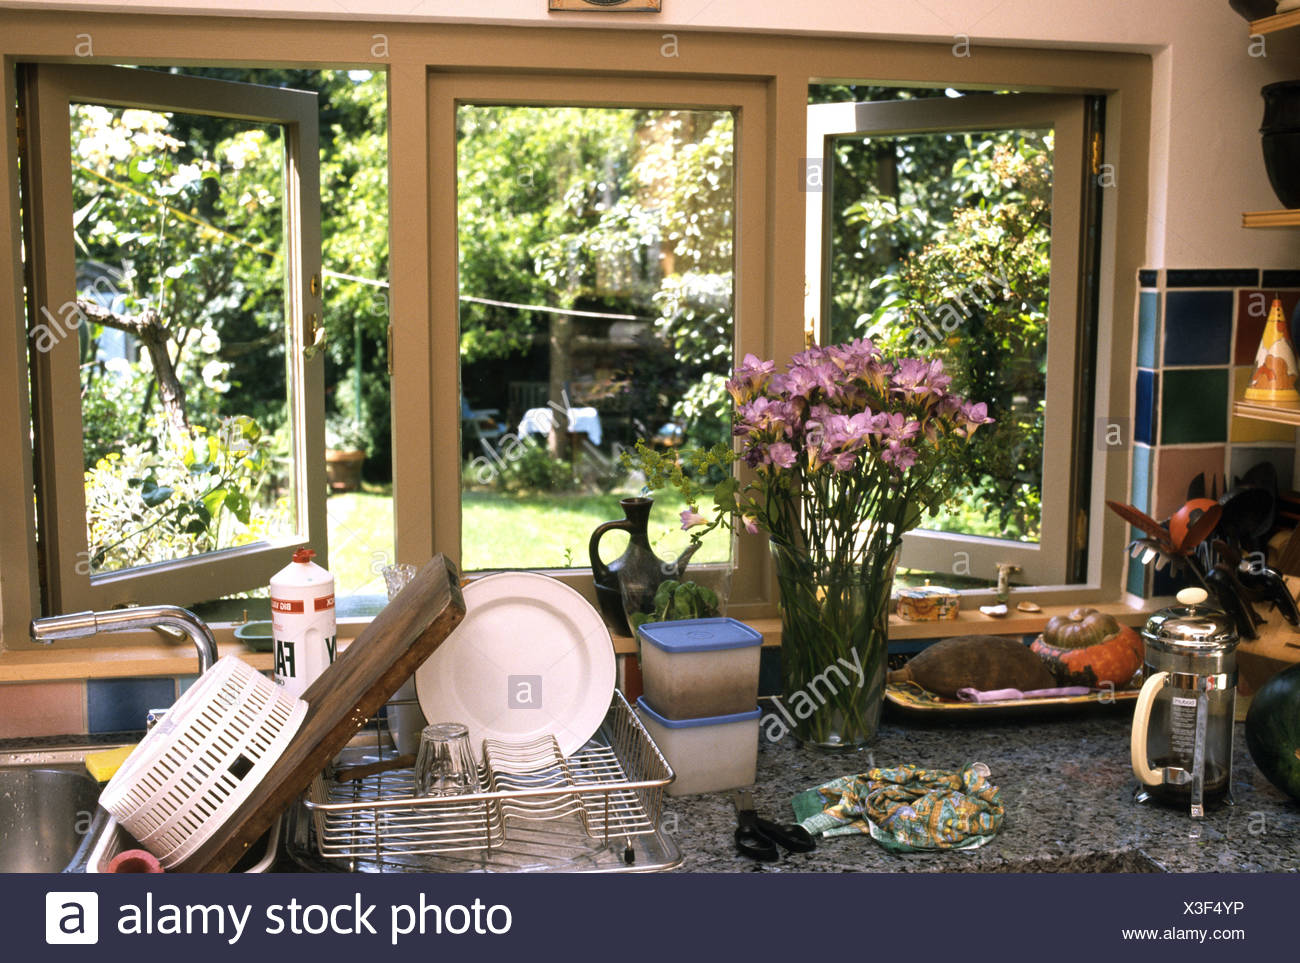 Outdoorküche Deko Decoyote : Spüle garten unglaubliche dekoration wasserhahn spüle amocalex